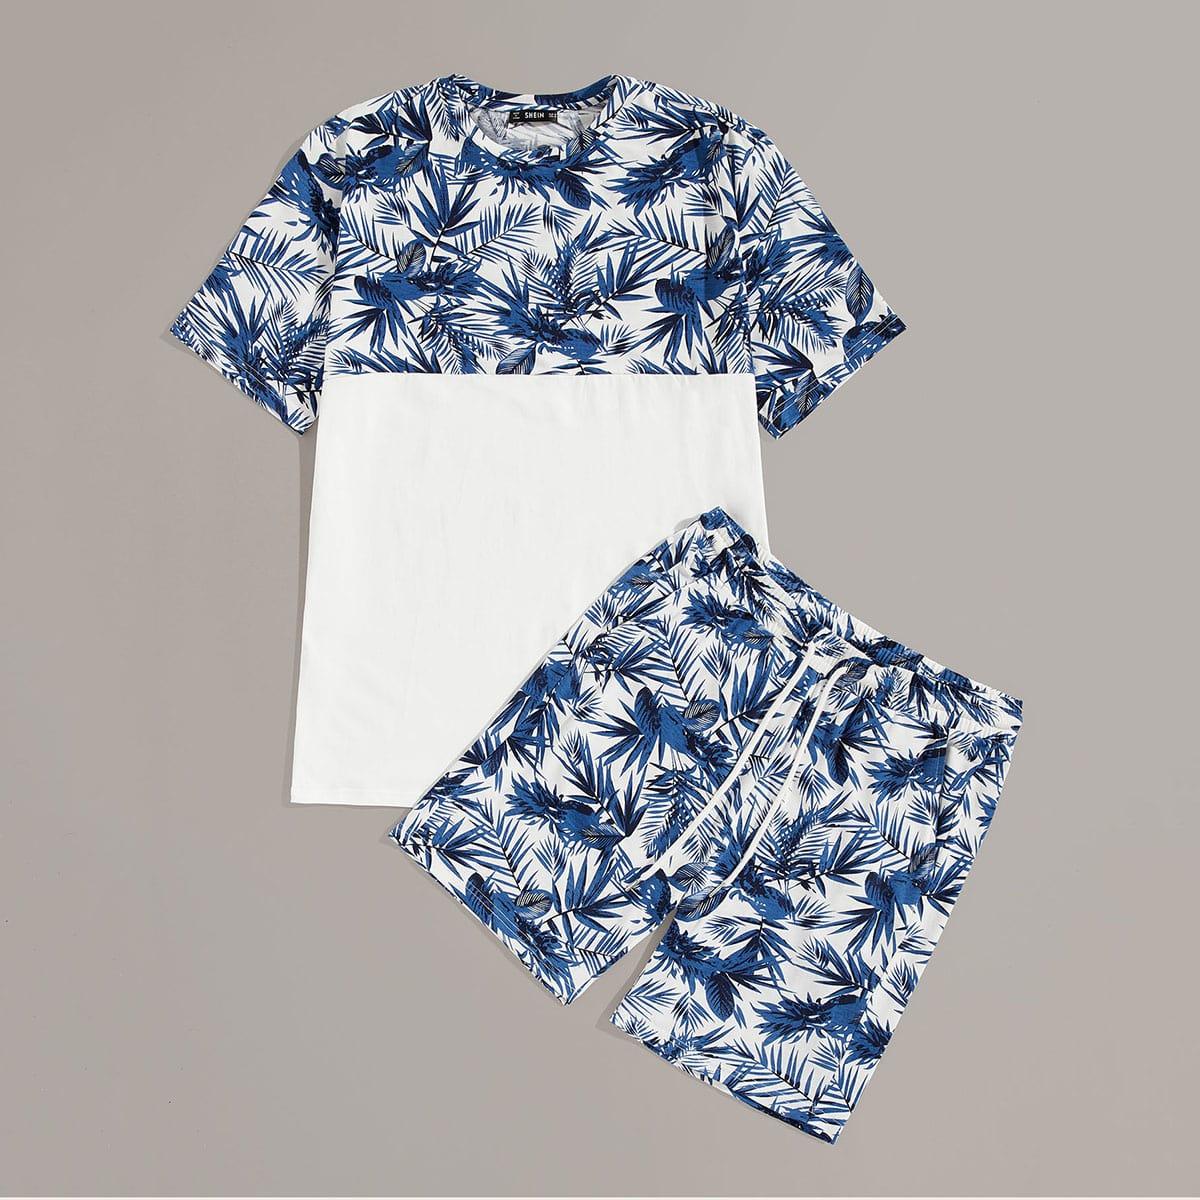 Мужская контрастная футболка с графическим принтом и шорты комплект от SHEIN